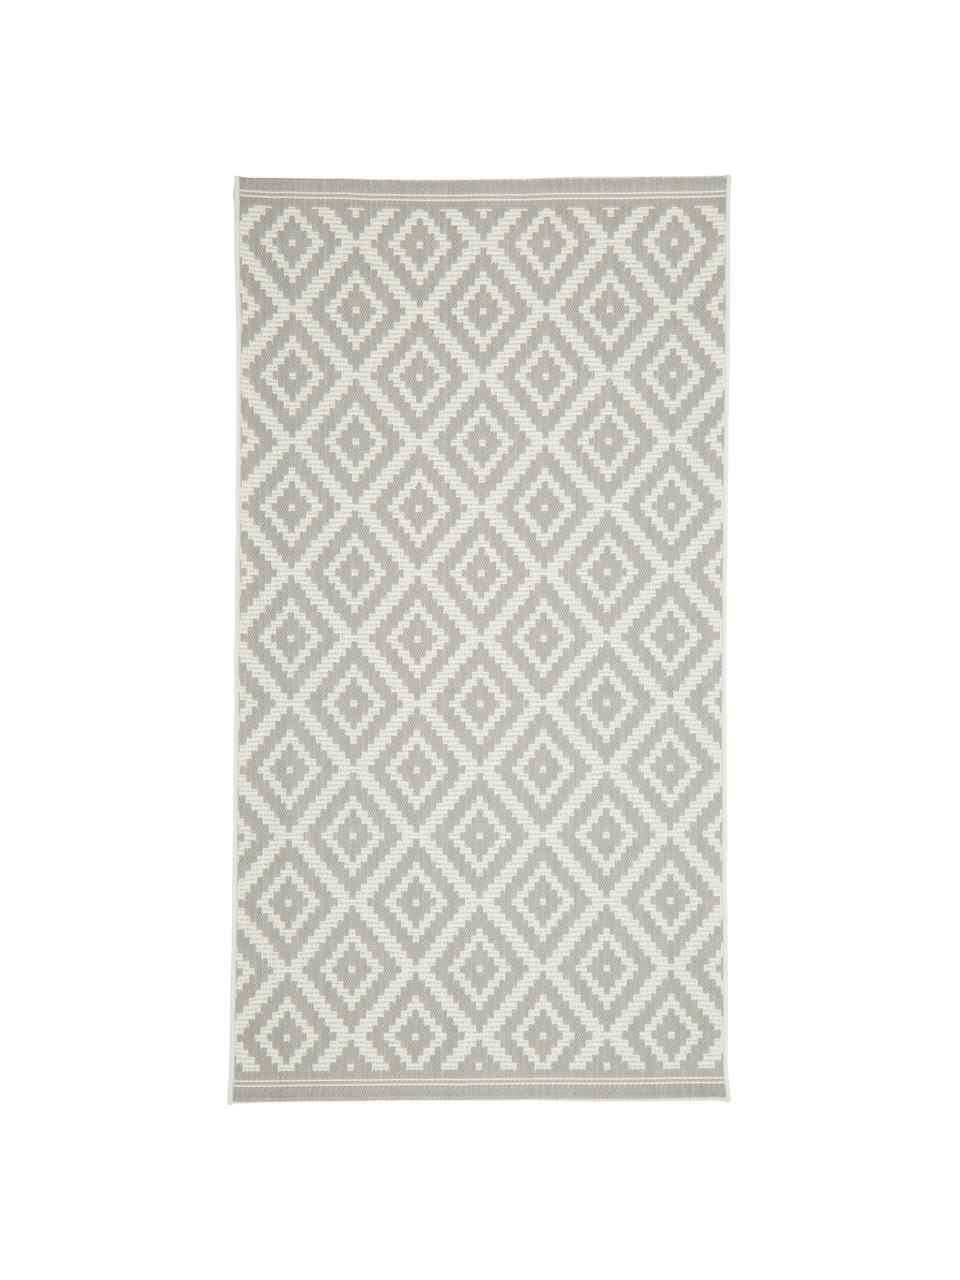 Gemusterter In- & Outdoor-Teppich Miami in Grau/Weiß, 86% Polypropylen, 14% Polyester, Cremeweiß, Grau, B 200 x L 290 cm (Größe L)